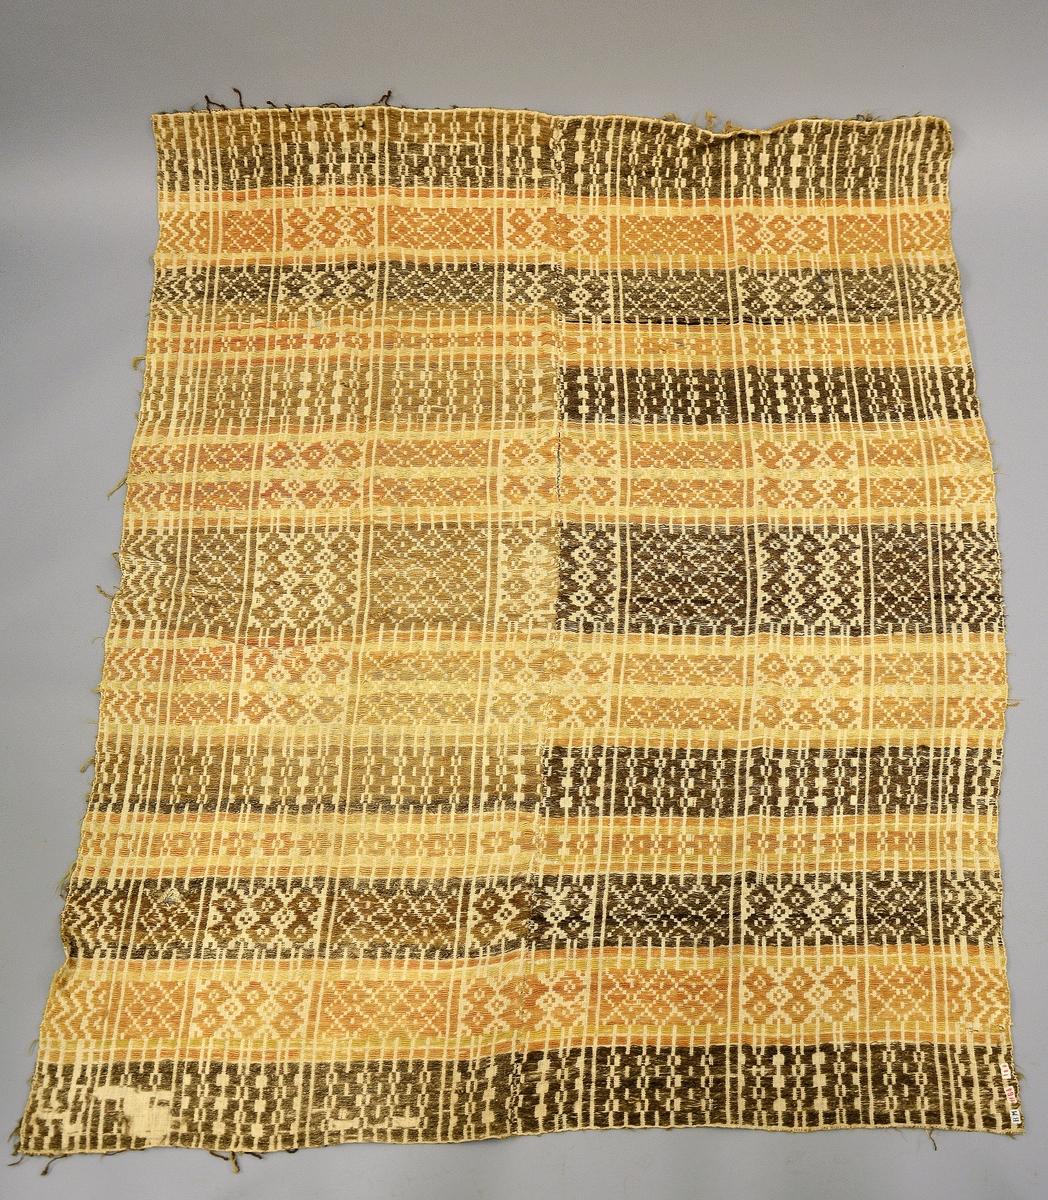 """Vevd teppe. Fra protokollen: """"Nordlandsteppe"""", inndelt i gule og brune felt, 7 felt dominert av brunt og 6 av gult."""